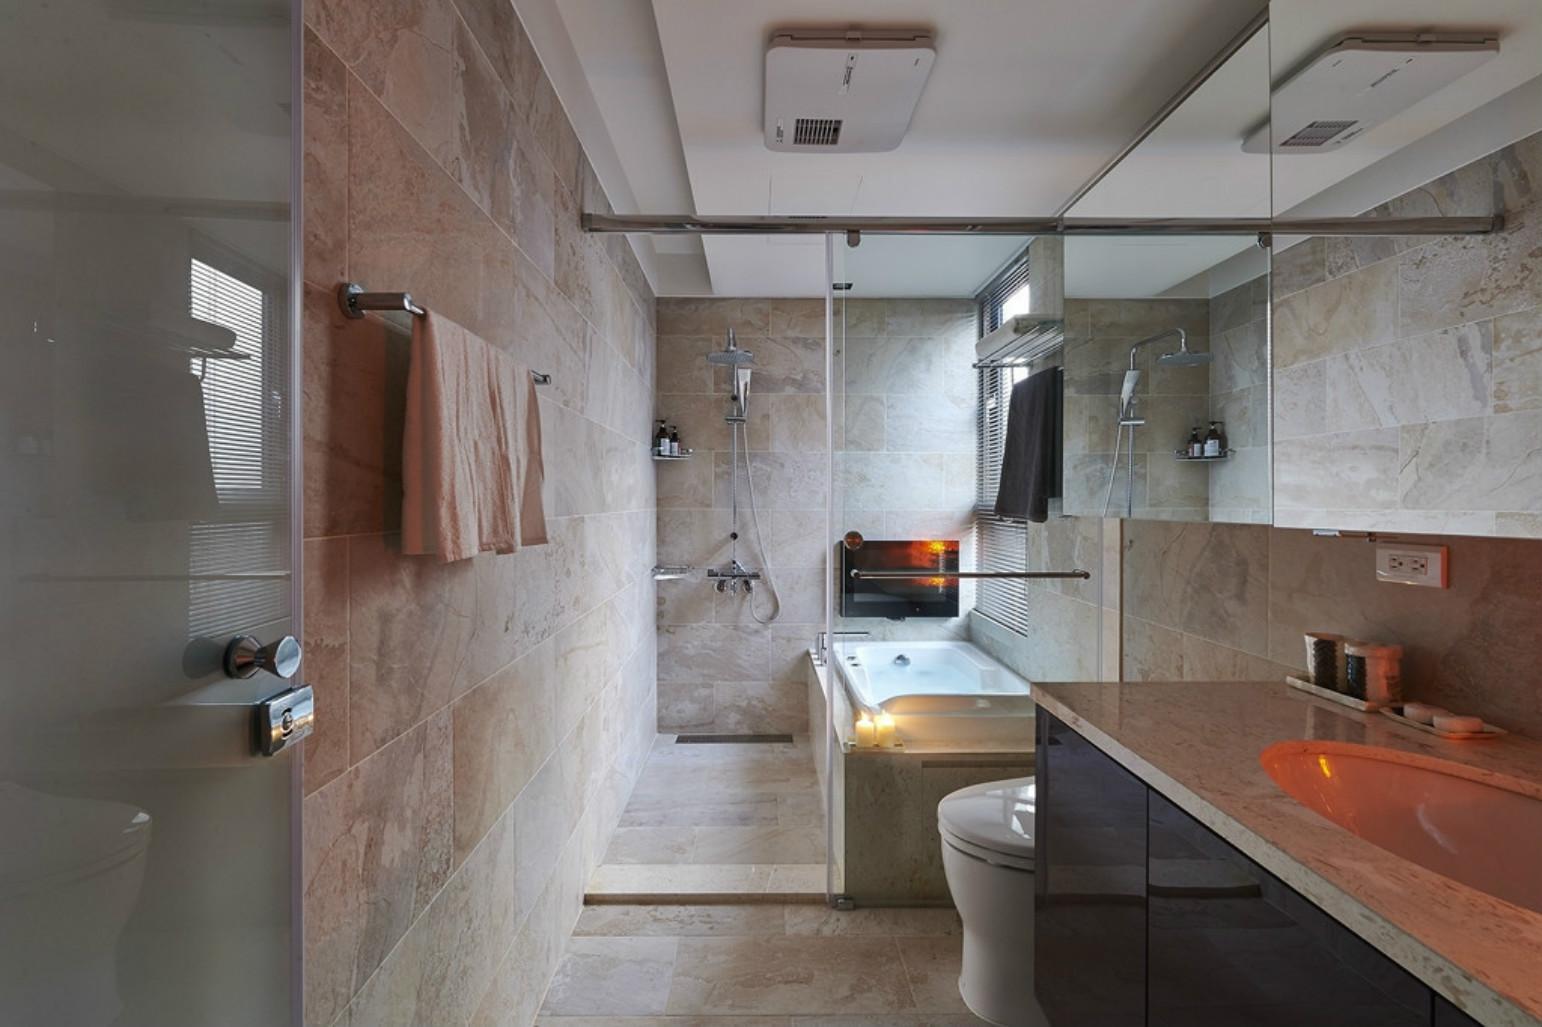 卫生间的布置比较简约时尚,洗手台搭配镜柜更显活力。